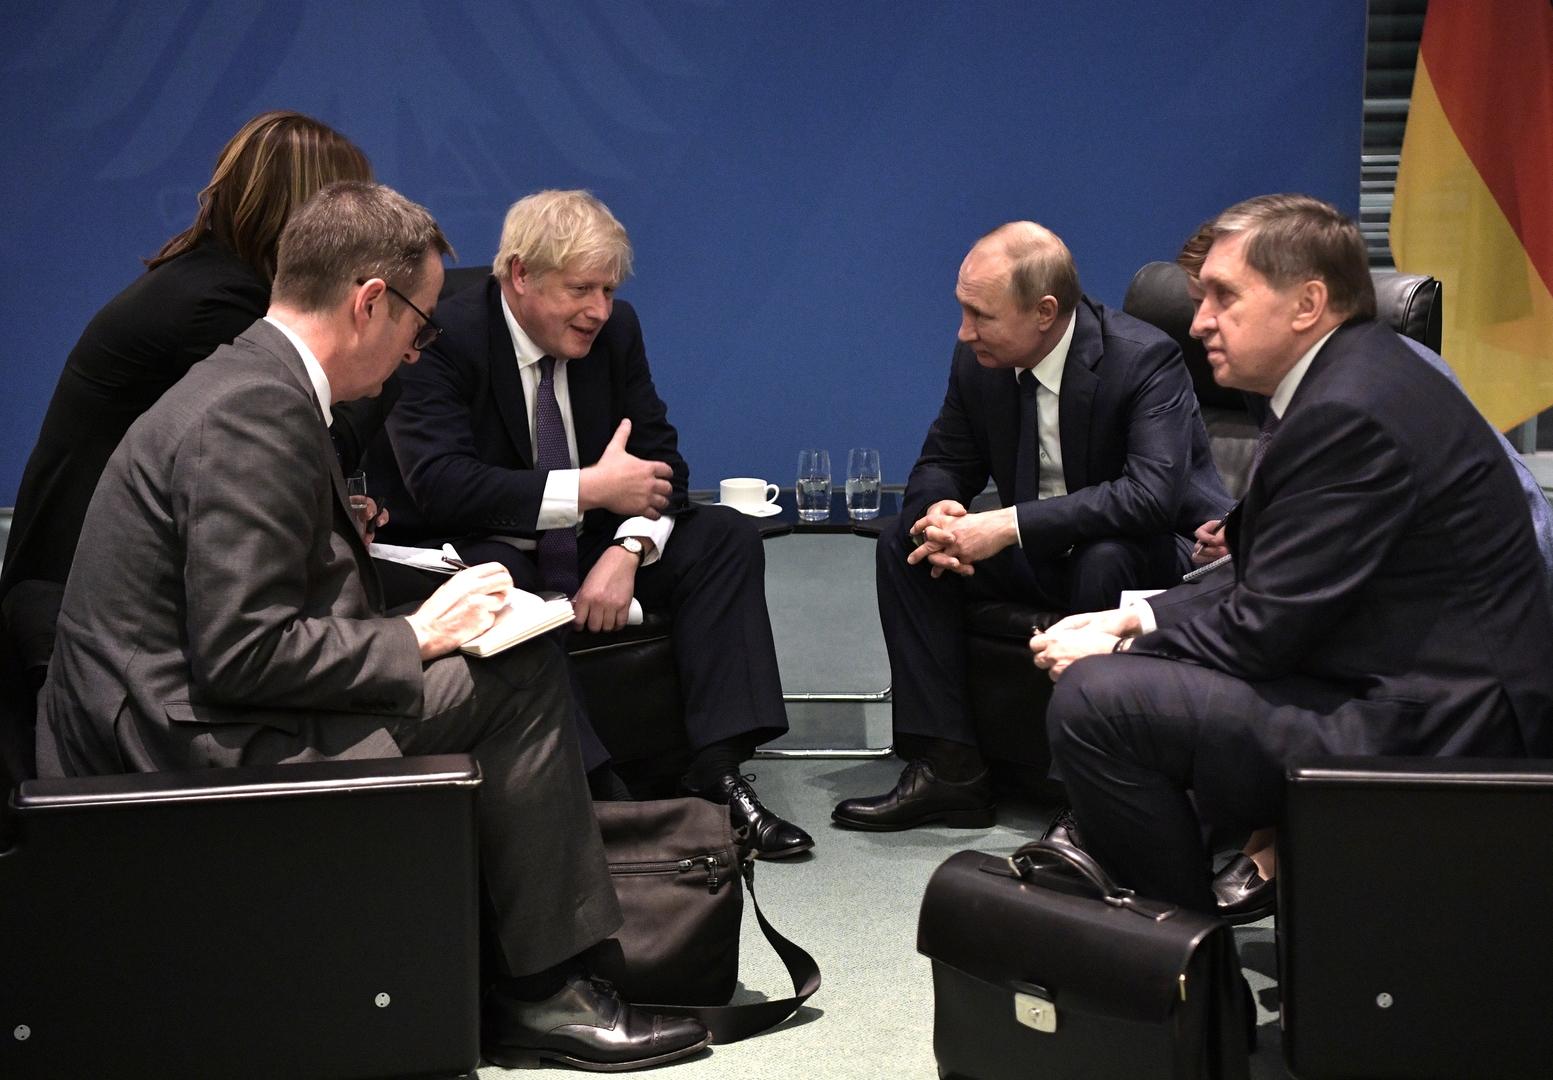 أول لقاء ثنائي يجمع الرئيس الروسي فلاديمير بوتين ورئيس الوزراء البريطاني بوريس جونون على هامش مؤتمر برليمن حول ليبان